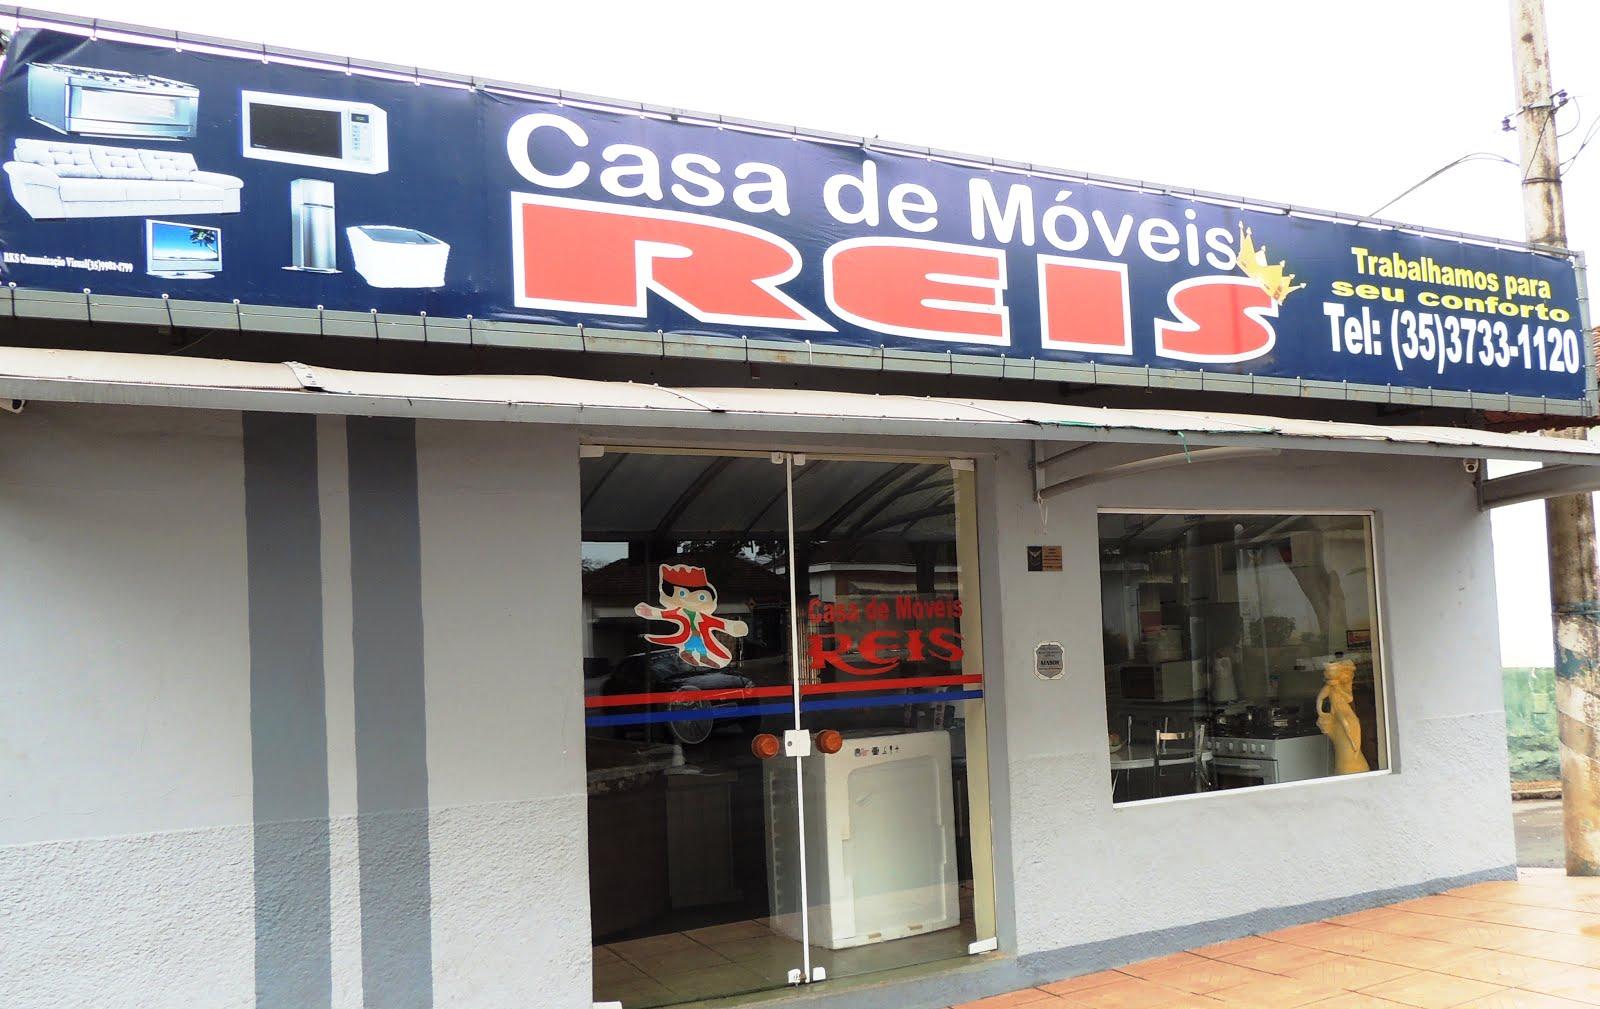 CASA DE MOVEIS REIS